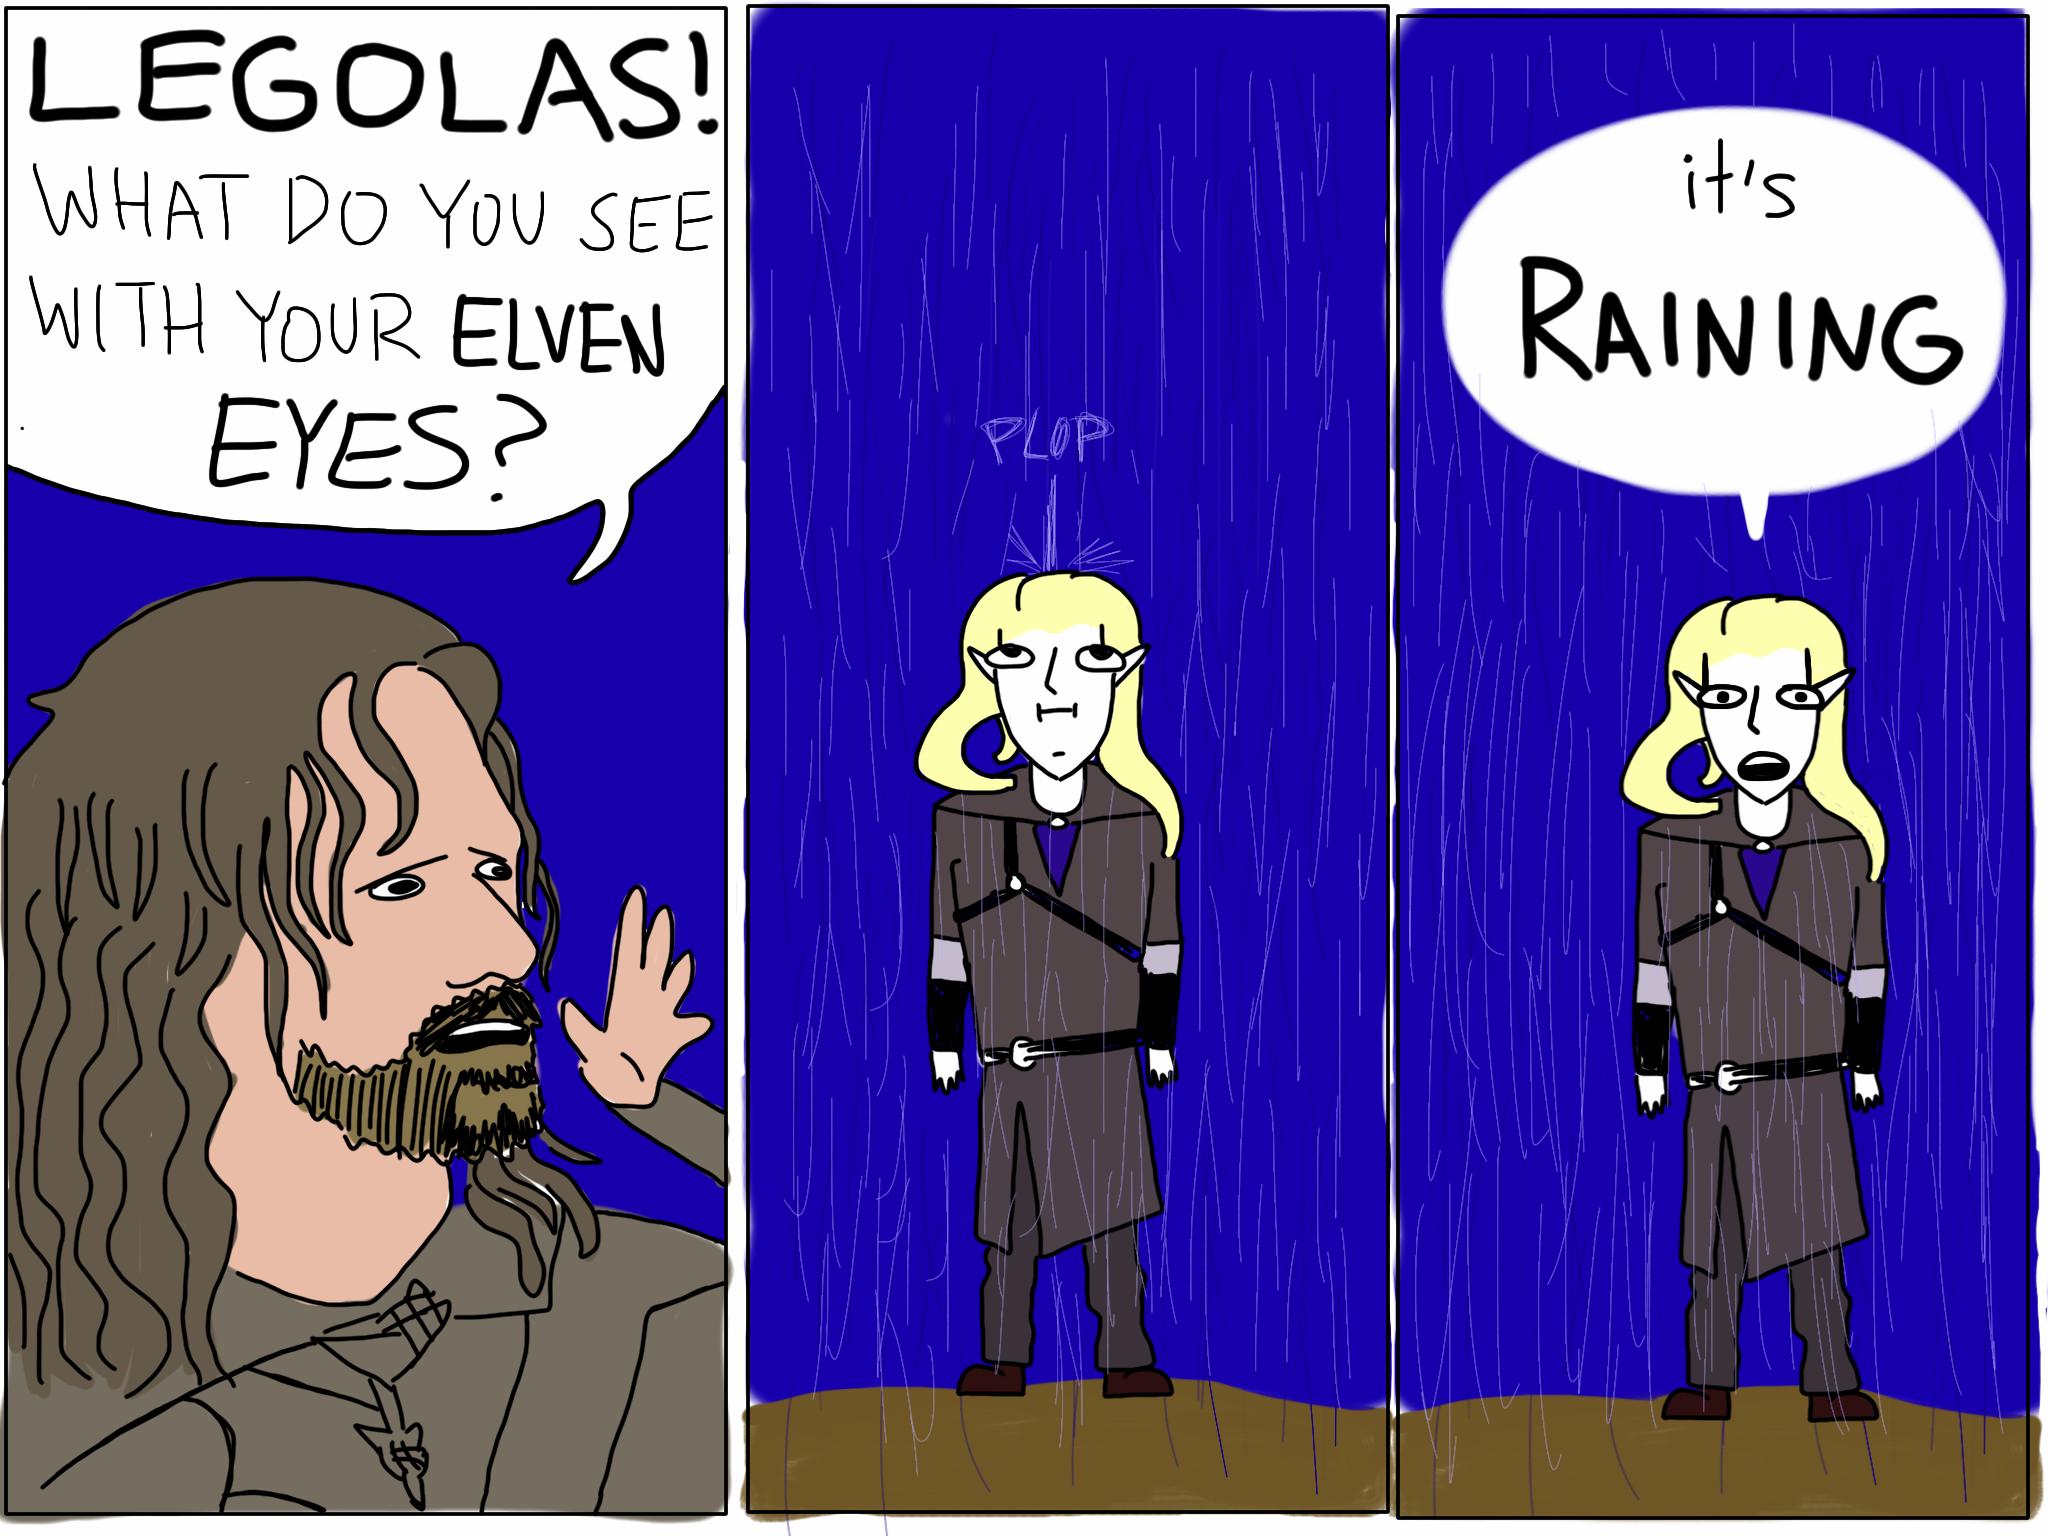 Legolas' Elven Eyes